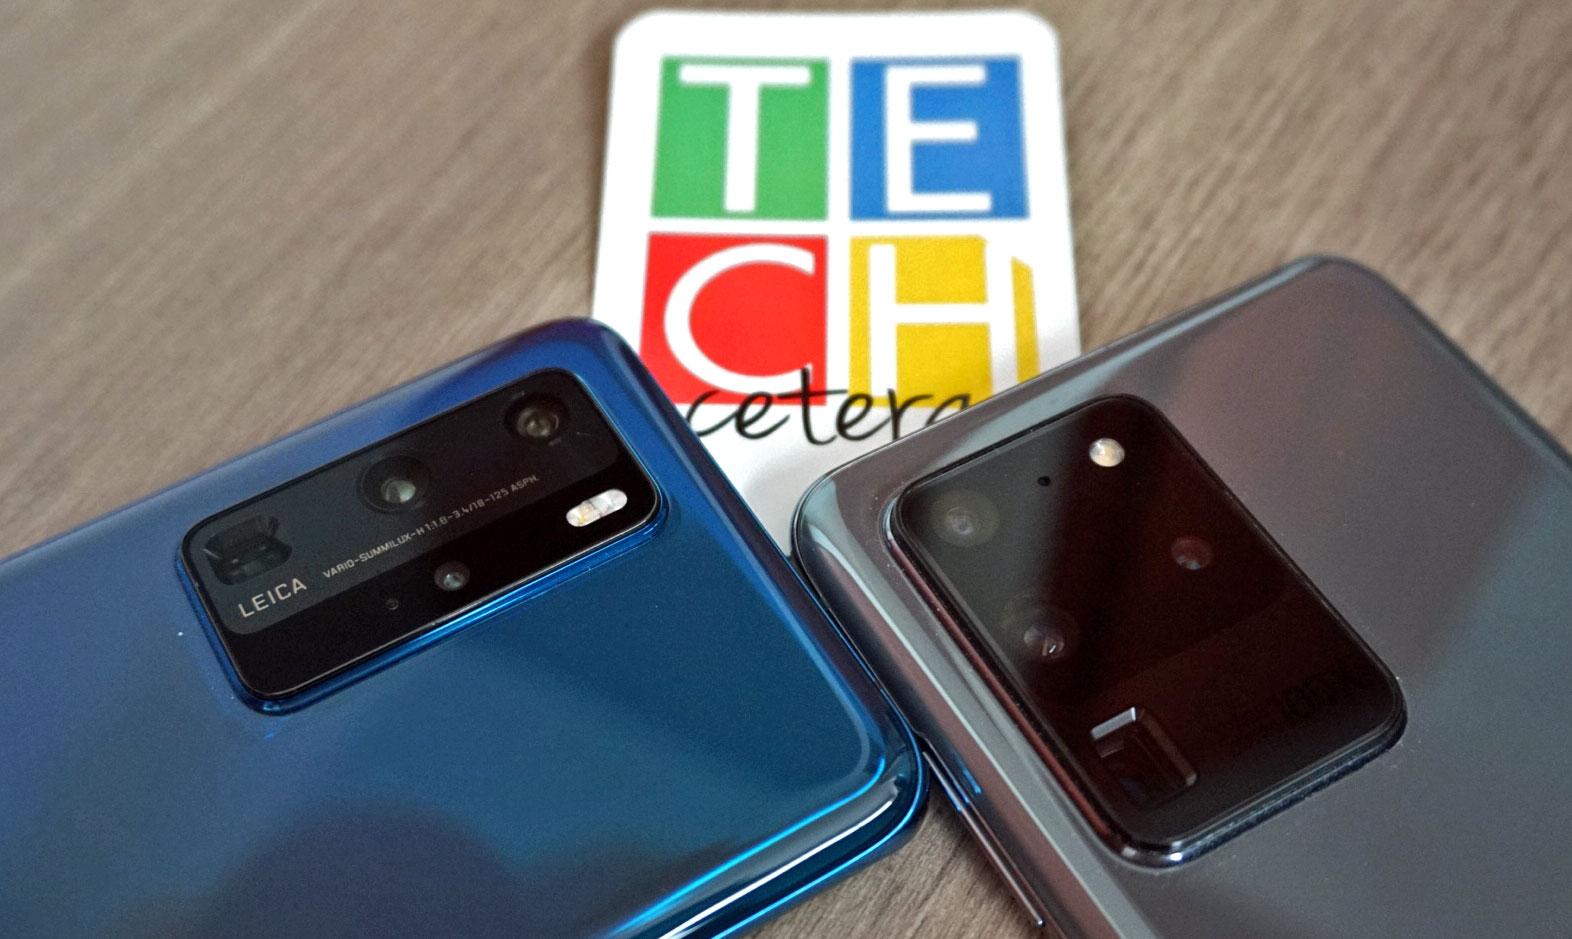 ¿Cámaras tipo calcomanías en los smartphones? ¿Qué es eso?